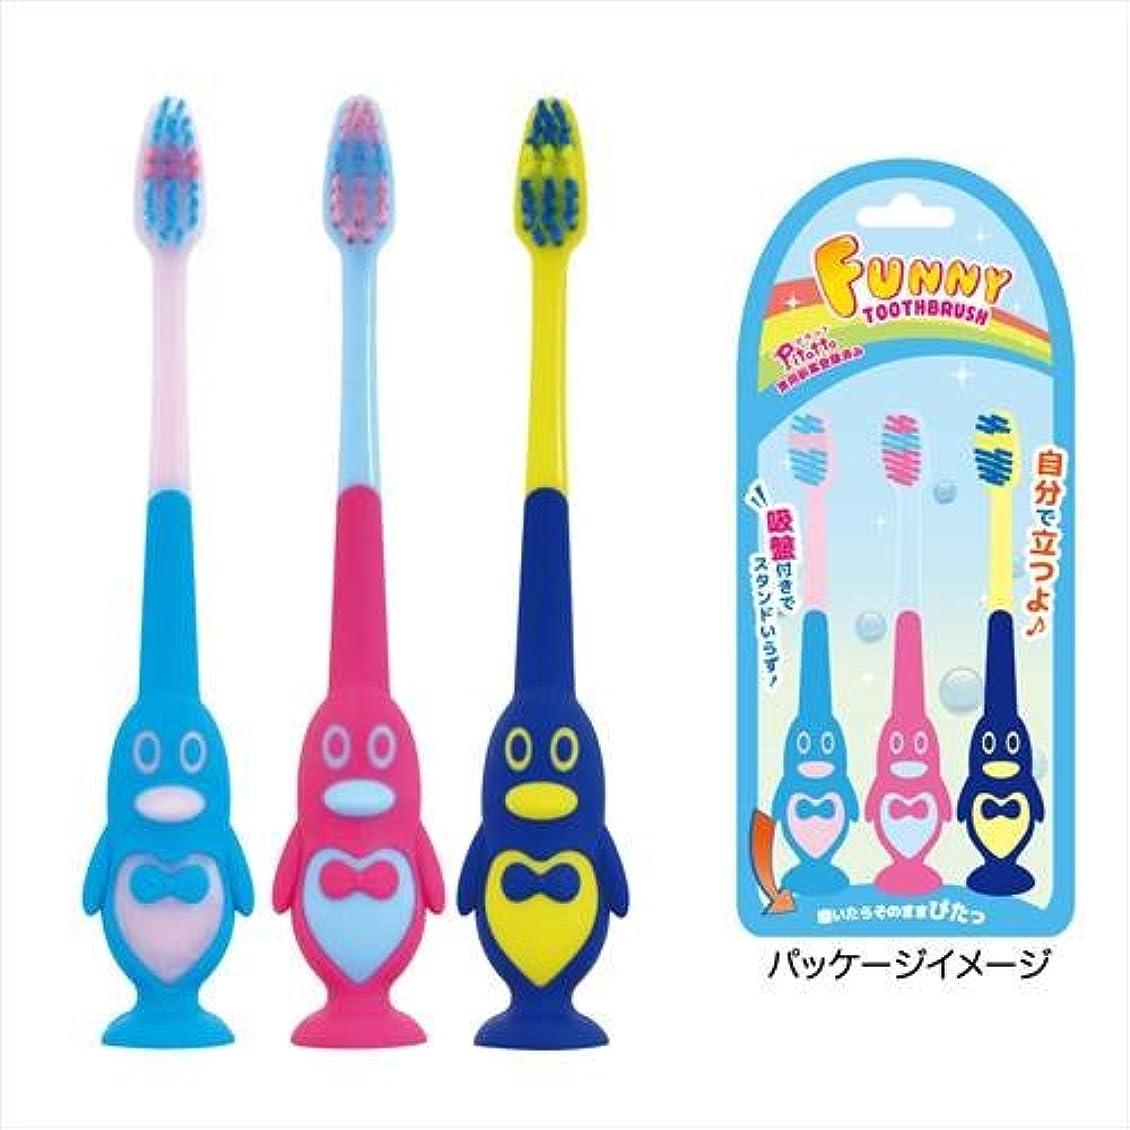 ブランデー予算レール[歯ブラシ] 吸盤付き歯ブラシ 3本セット/ペンギン ユーカンパニー かわいい 洗面用具 グッズ 通販